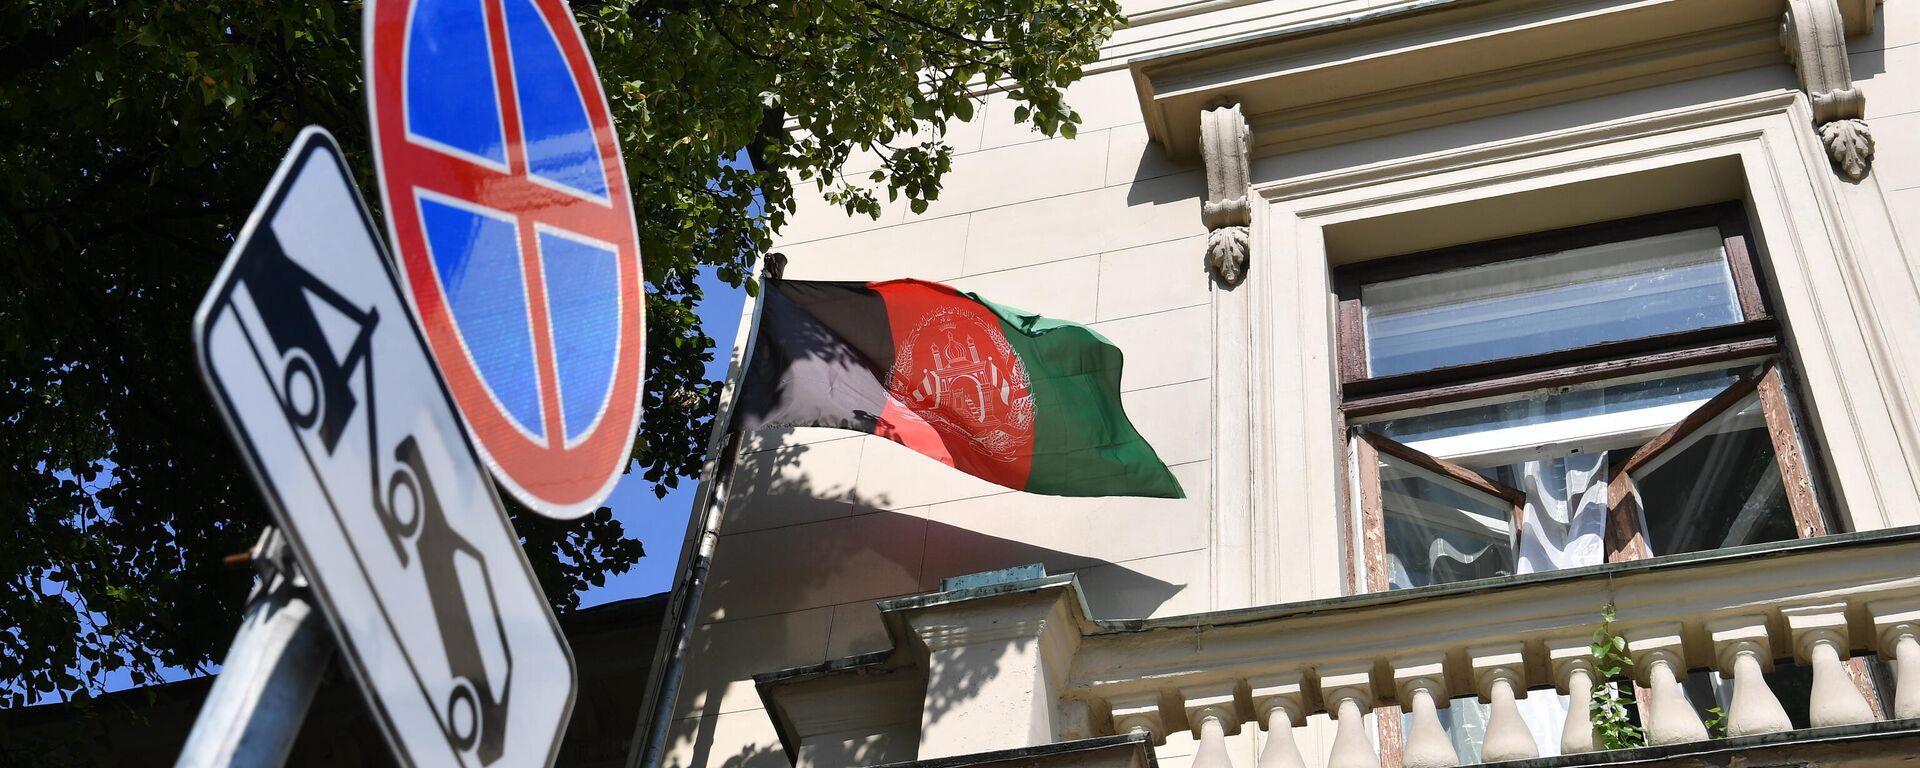 Посольство Афганистана в Москве - Sputnik Тоҷикистон, 1920, 11.10.2021